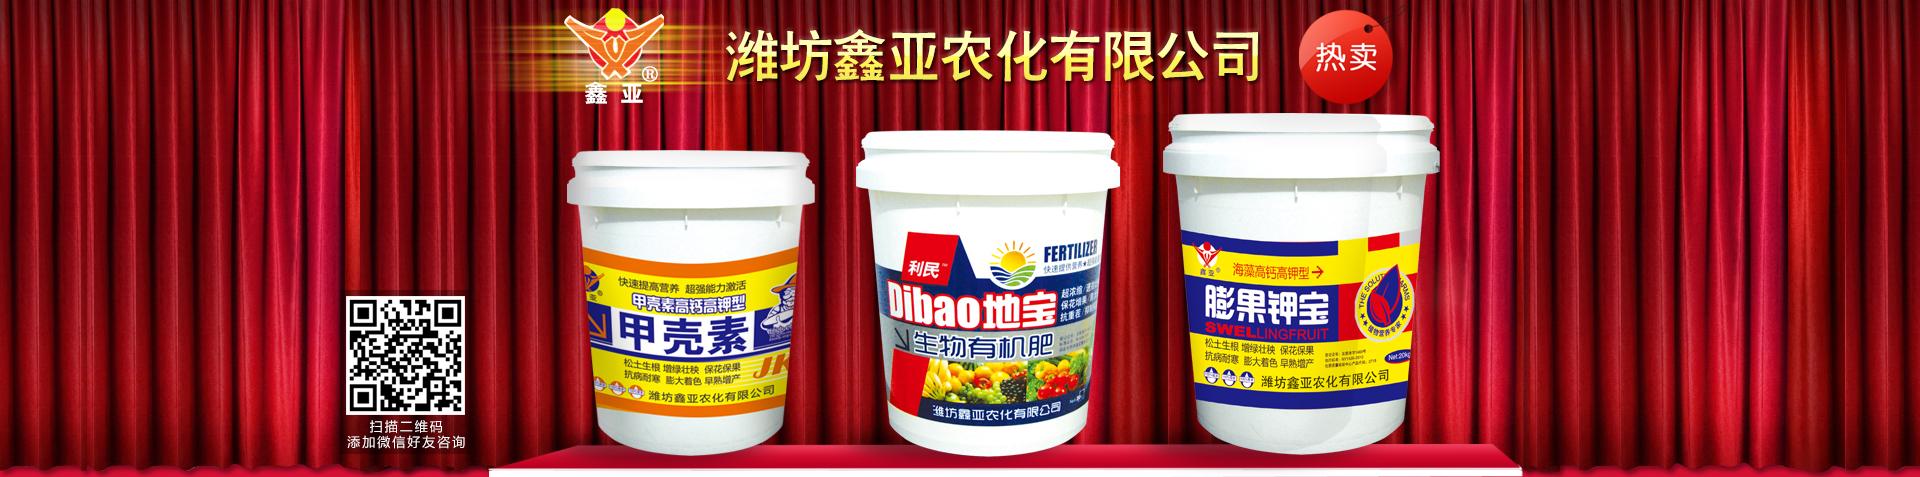 潍坊鑫亚农化有限公司